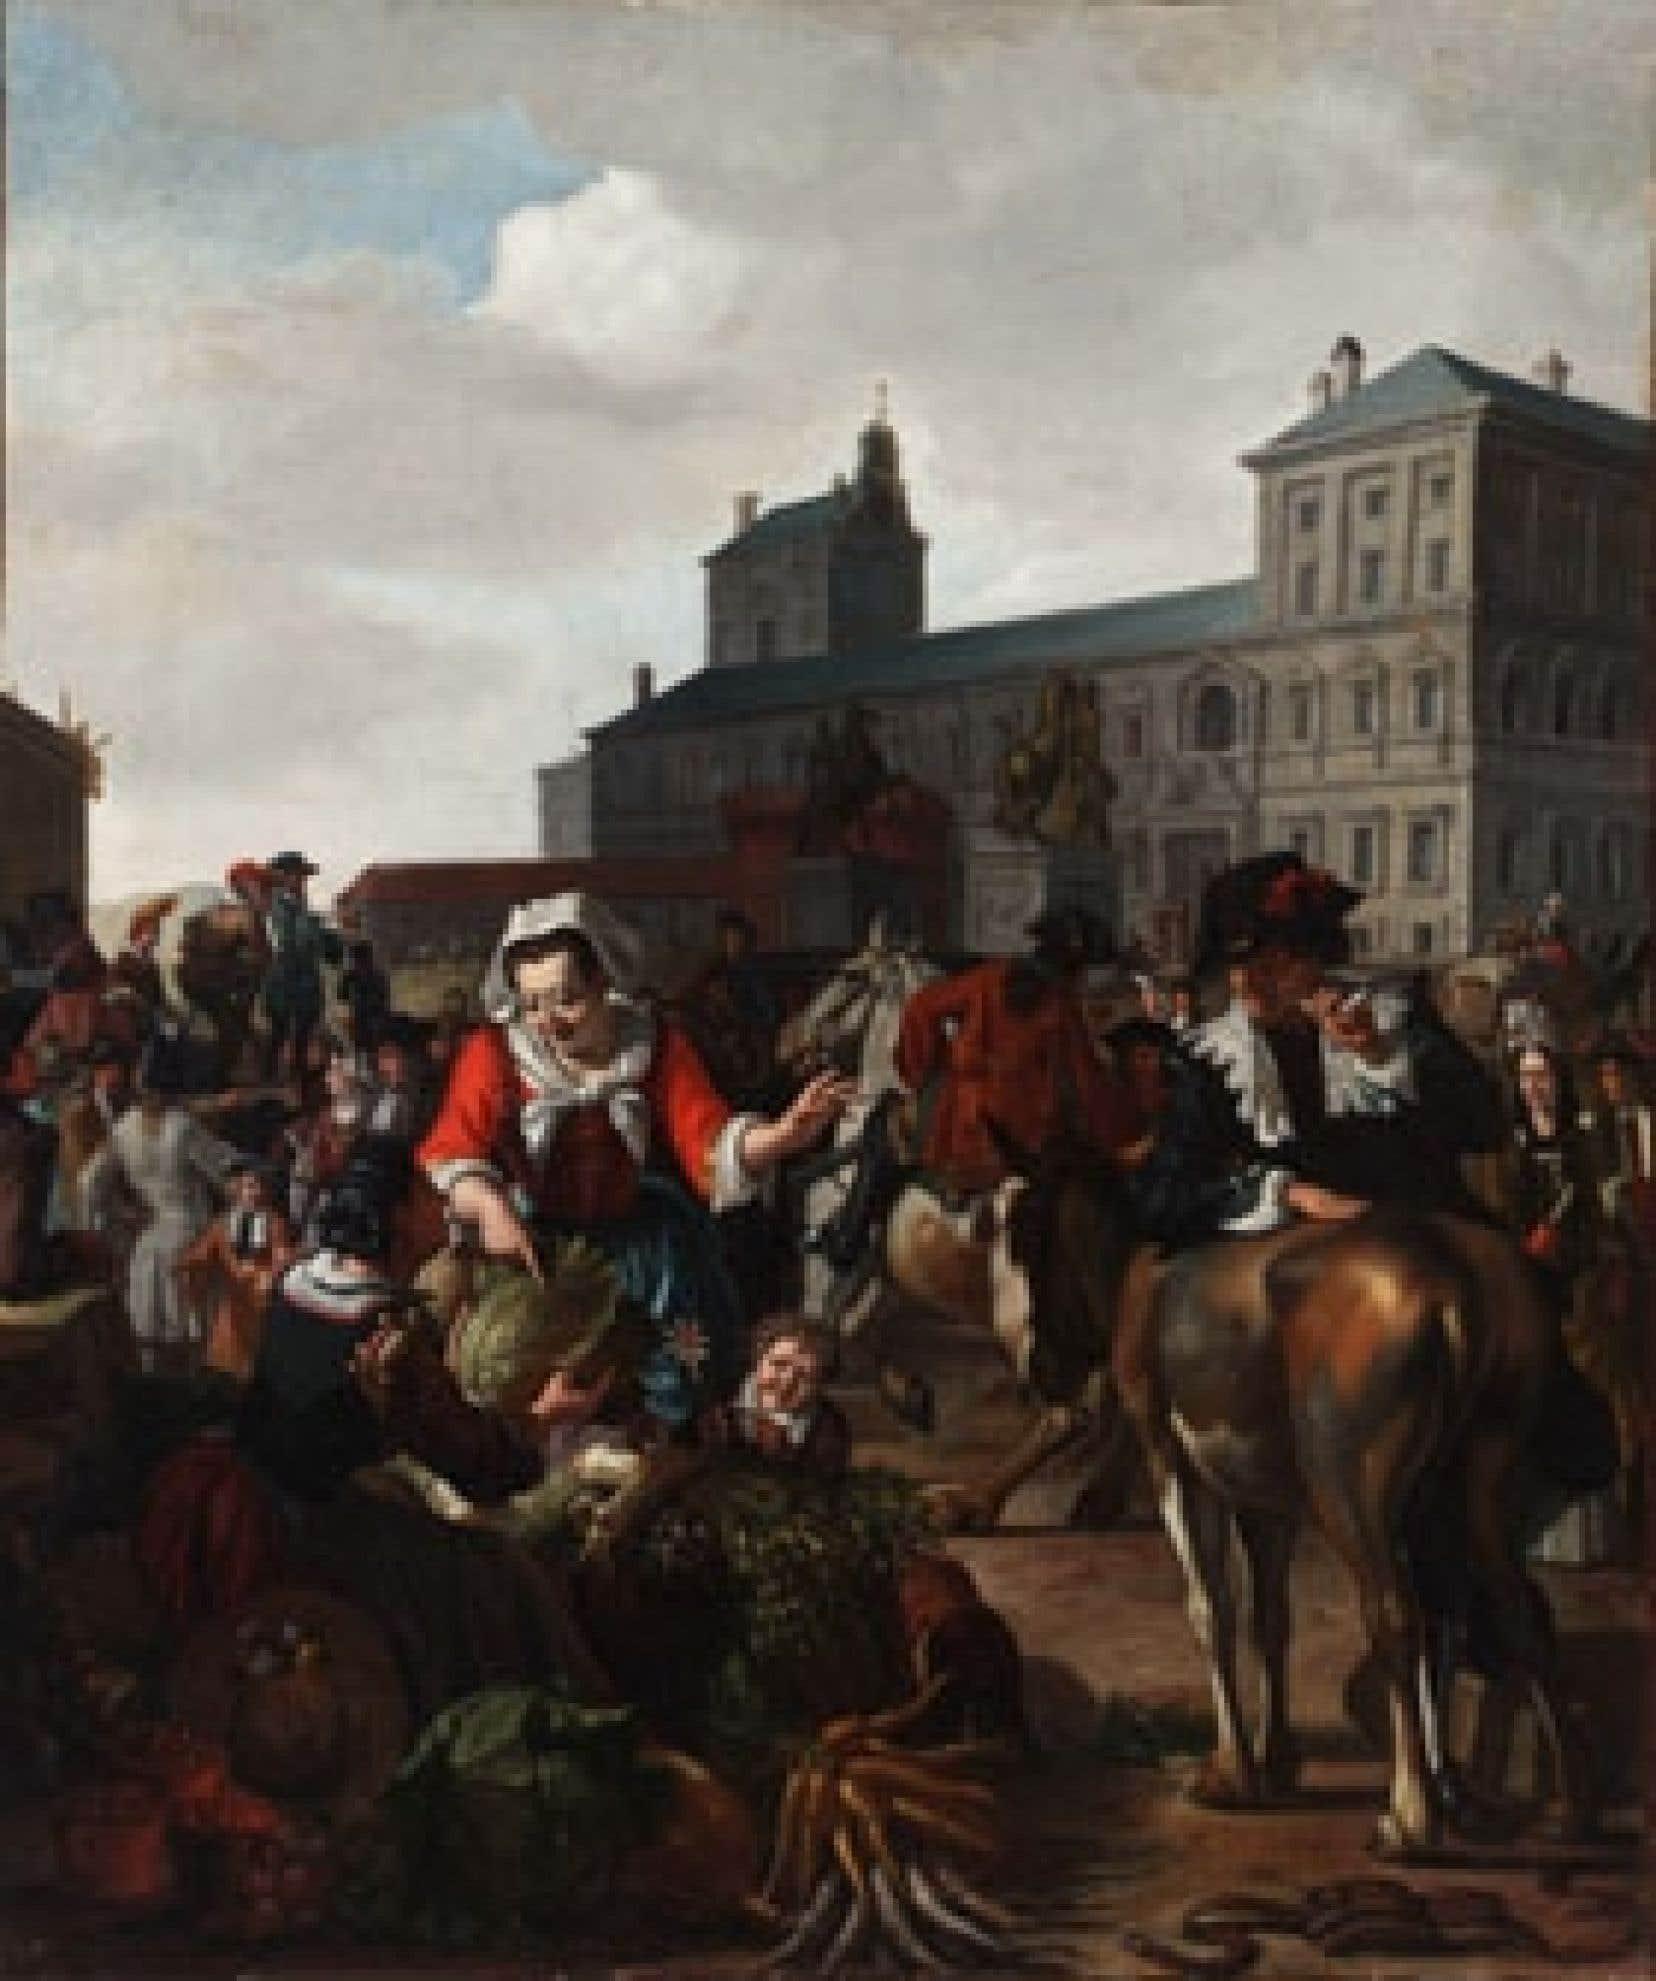 Scène de marché sur la place Navona à Rome, une huile sur toile de 49,5 X 41 cm, signée par Mathijs  Naiveu, datée de 1691. L'oeuvre appartenant au Dr Max Stern a fait l'objet d'une vente forcée à Cologne en 1937 et se retrouve aux enchères